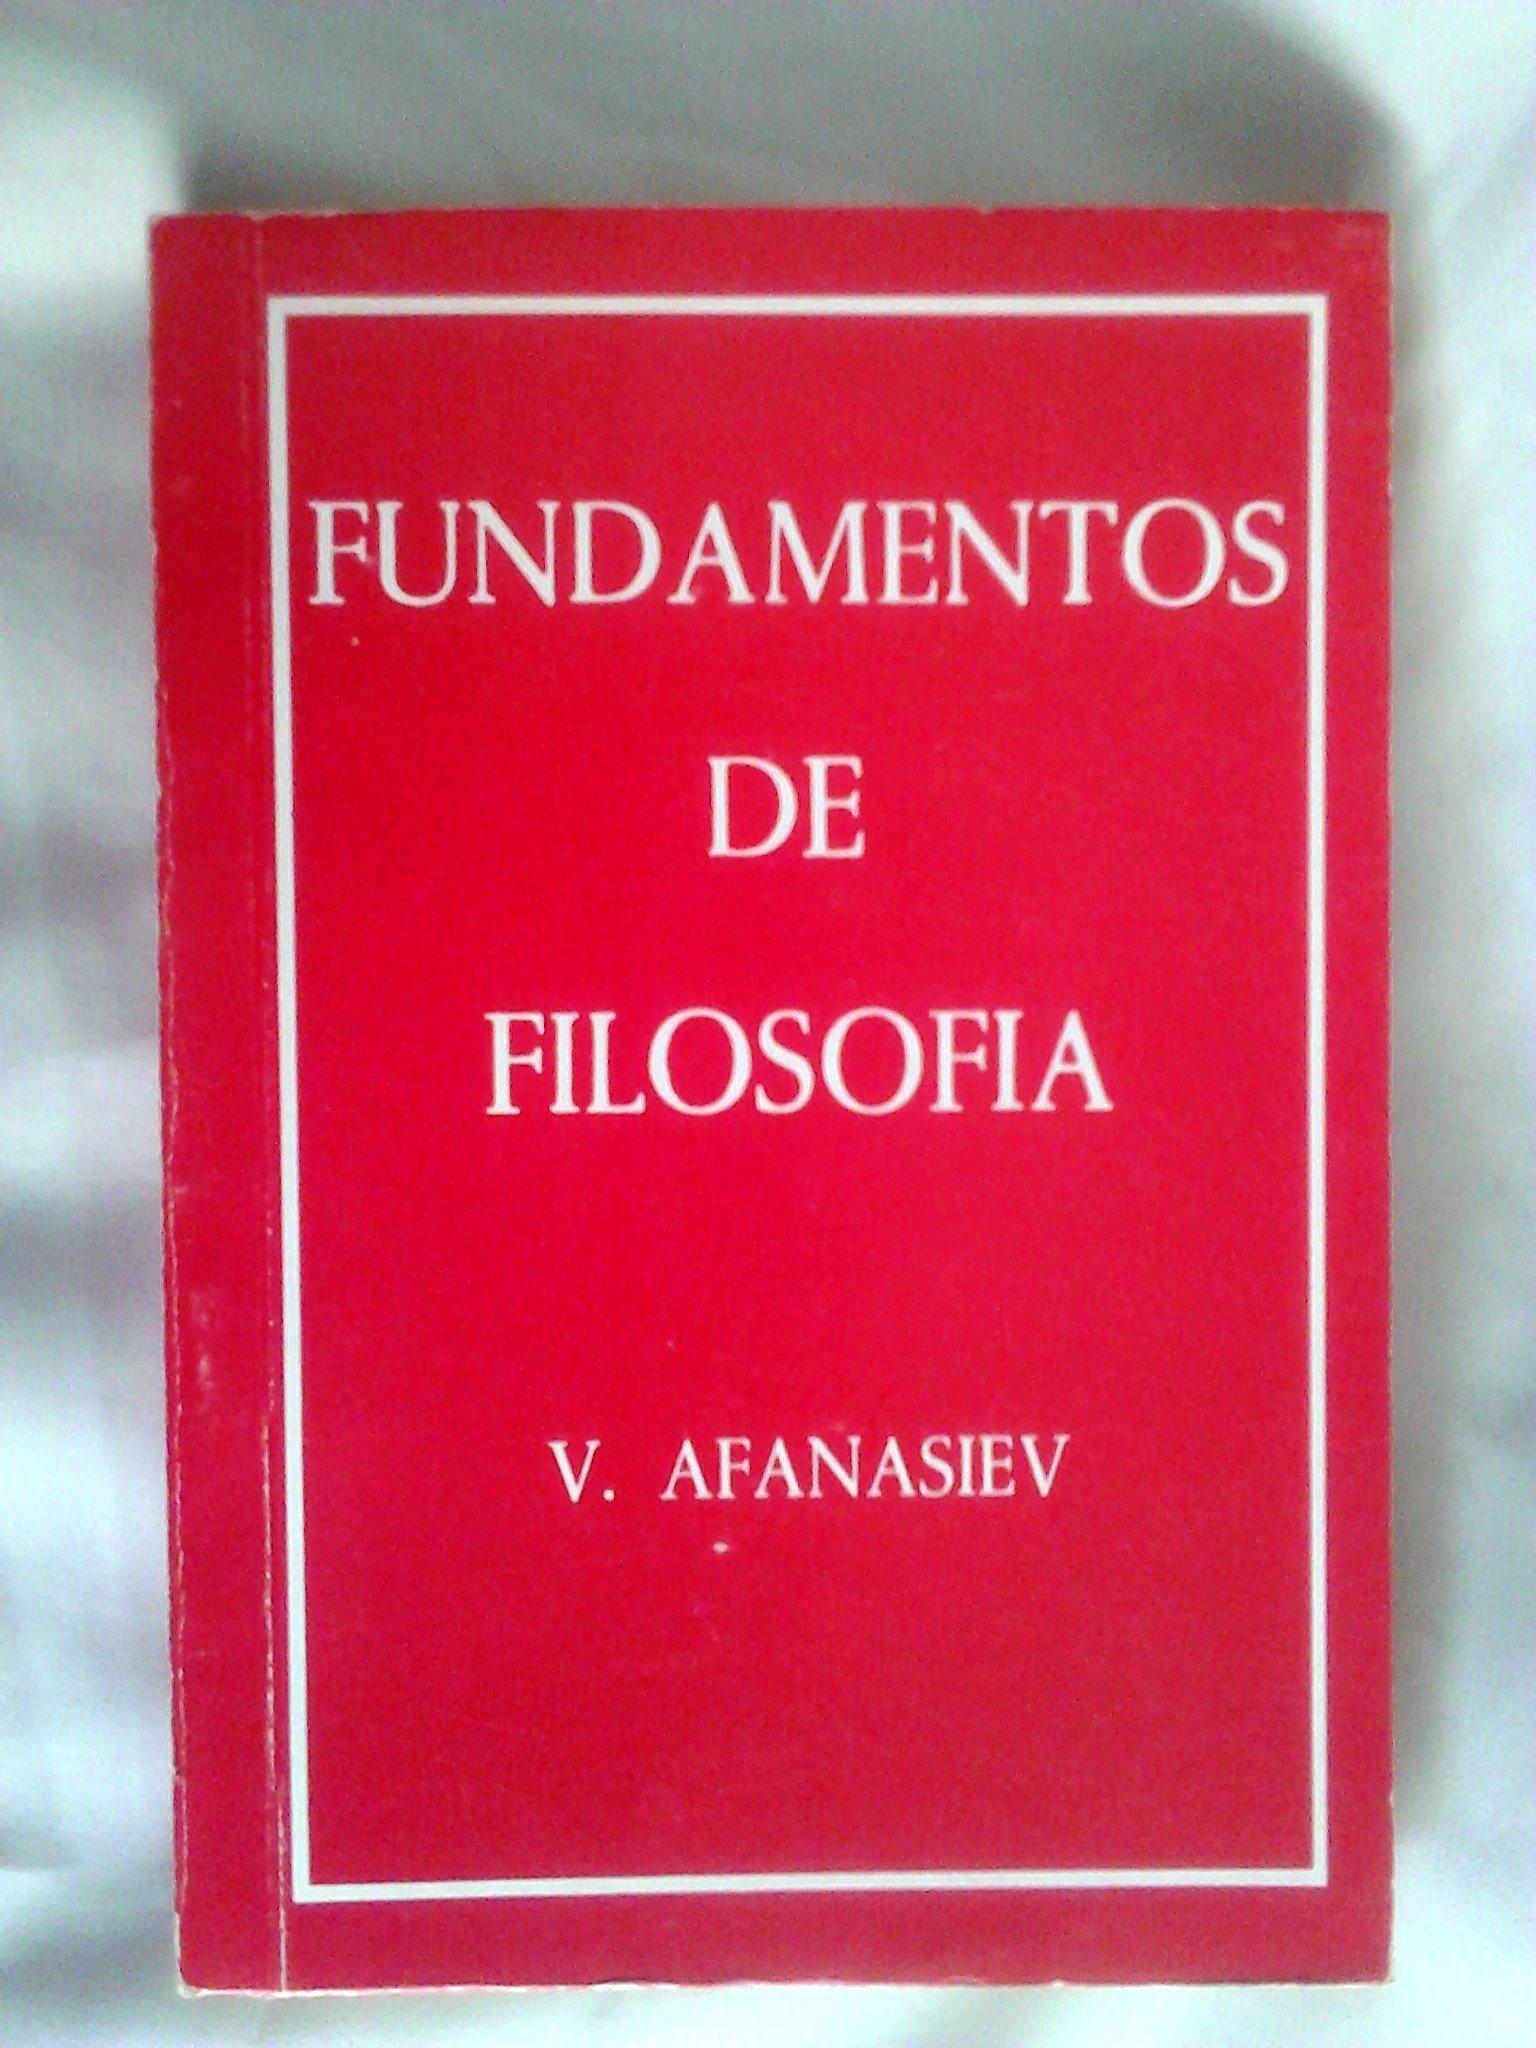 FUNDAMENTOS DE FILOSOFÍA: V. Afanasiev: Amazon.com: Books